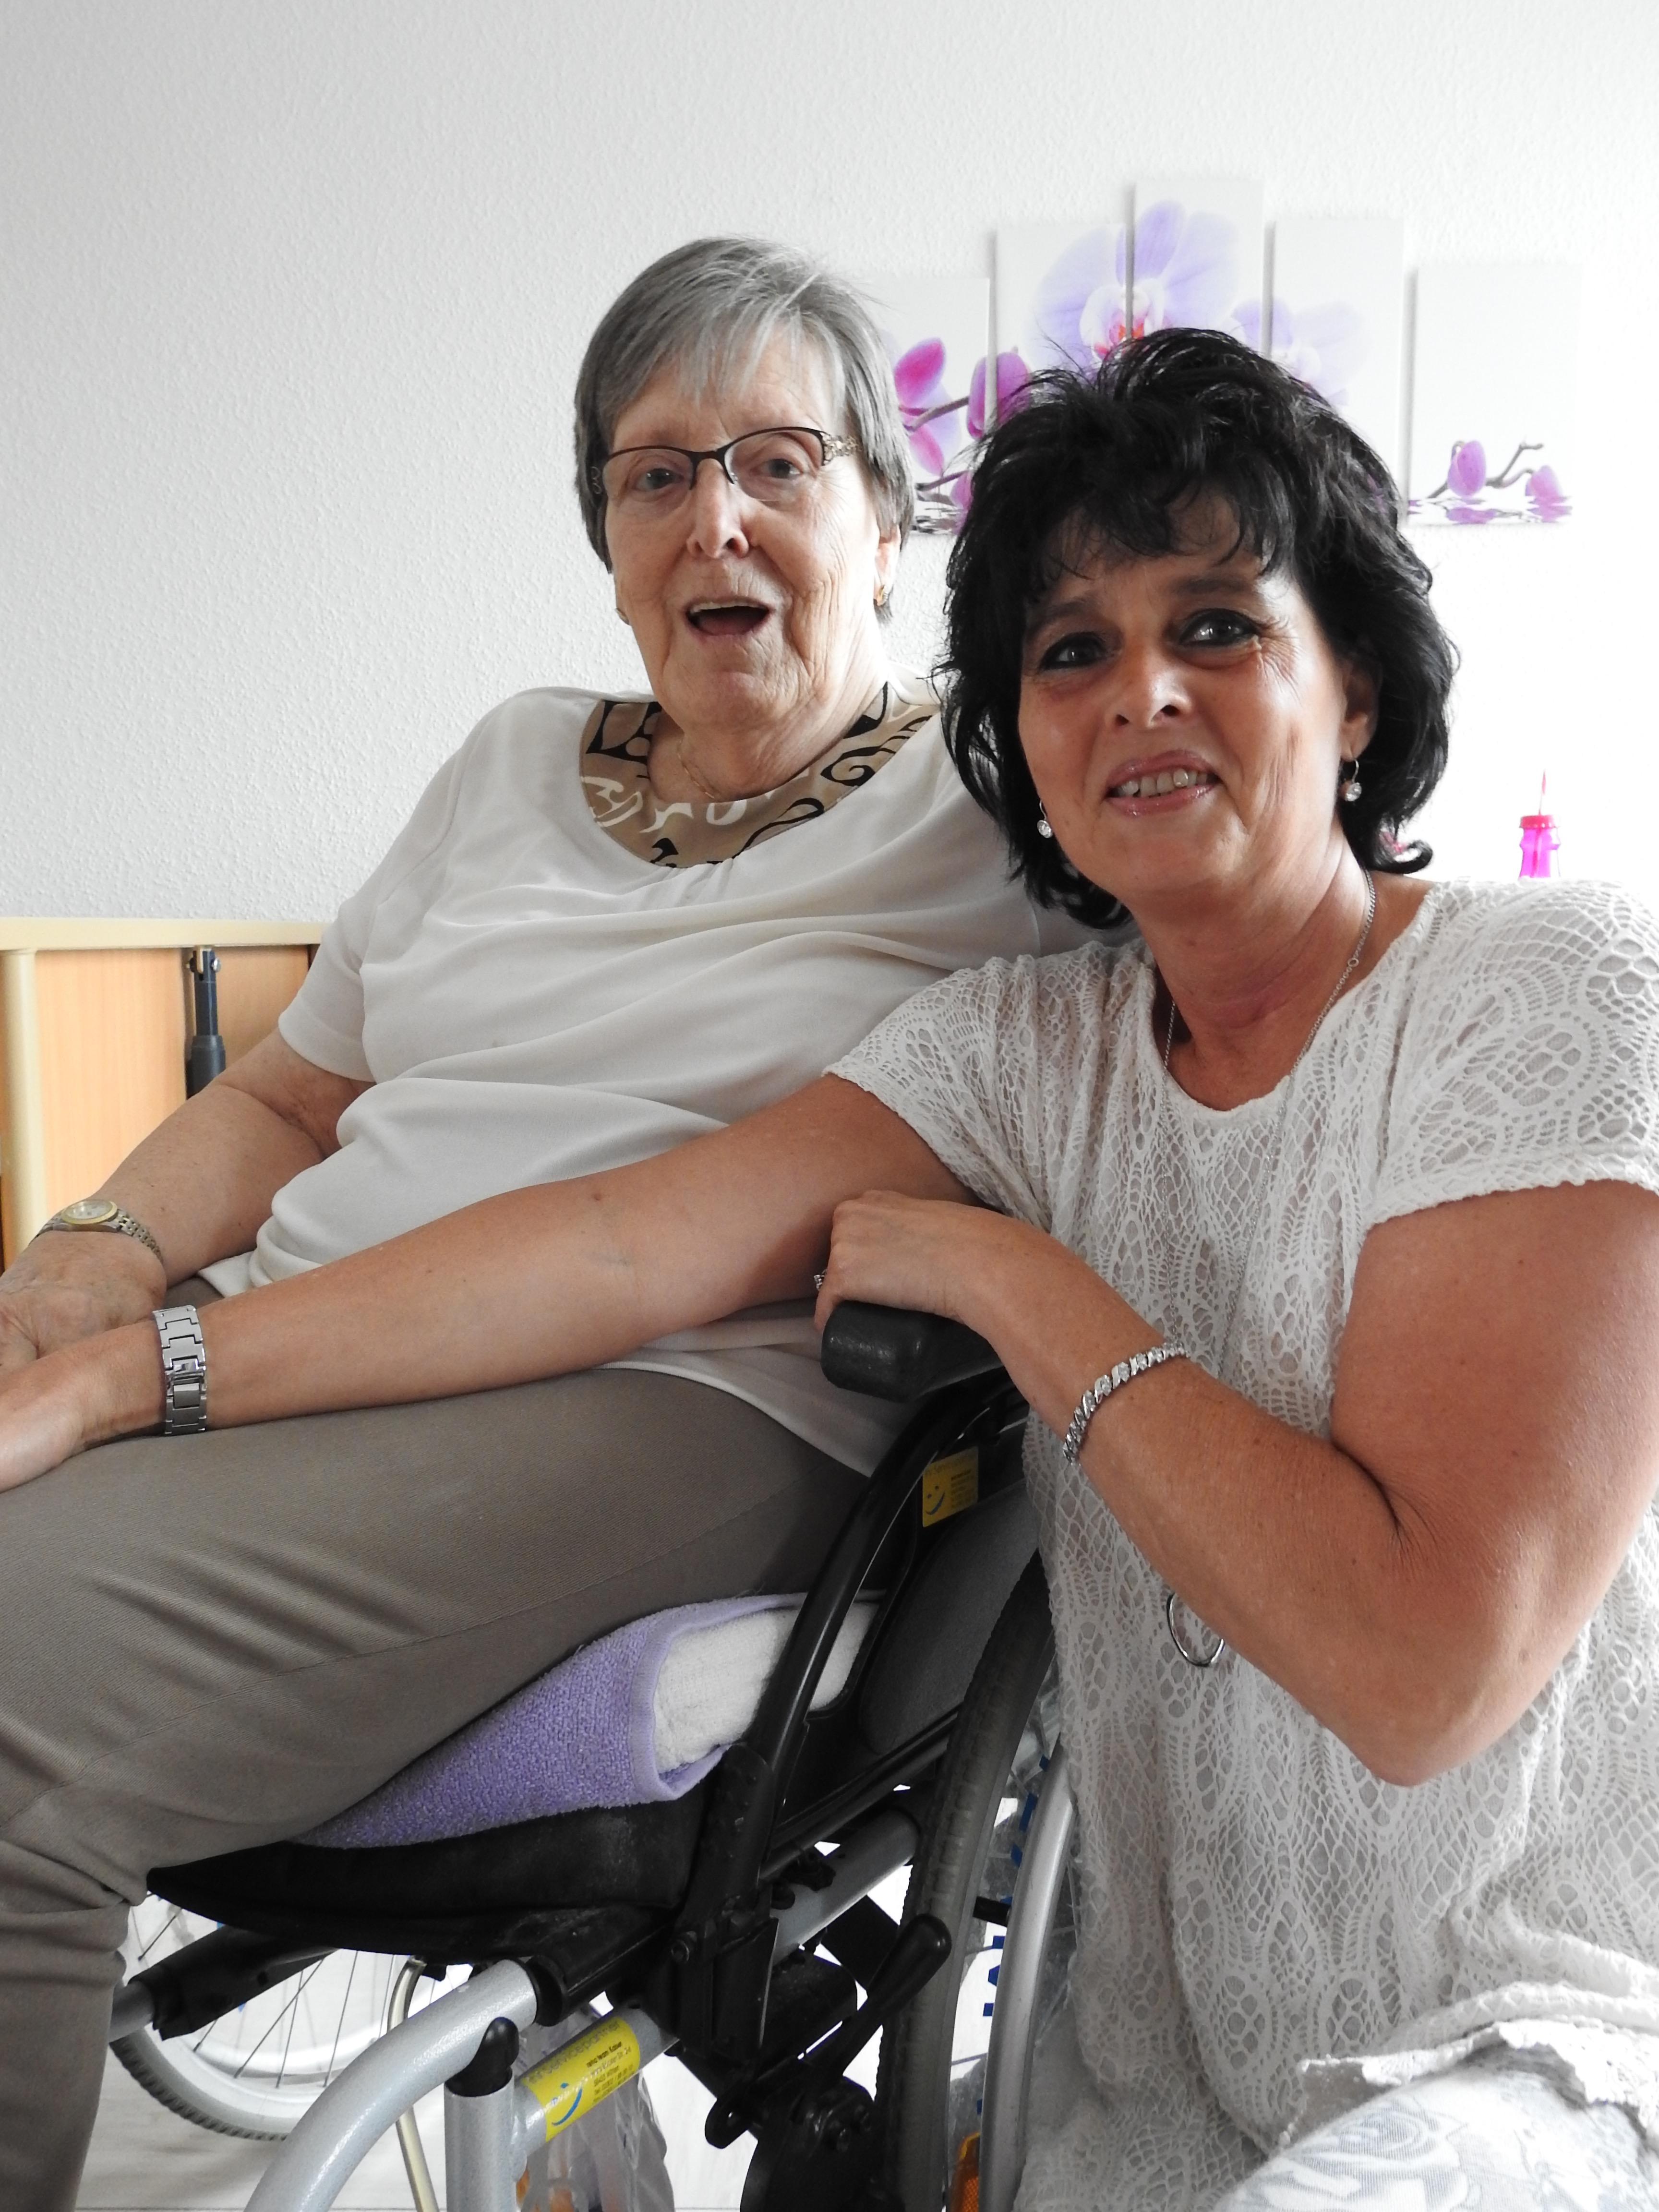 Altenpflege Ambulante- & Tagespflege Chelonia - Bochum Witten Herne